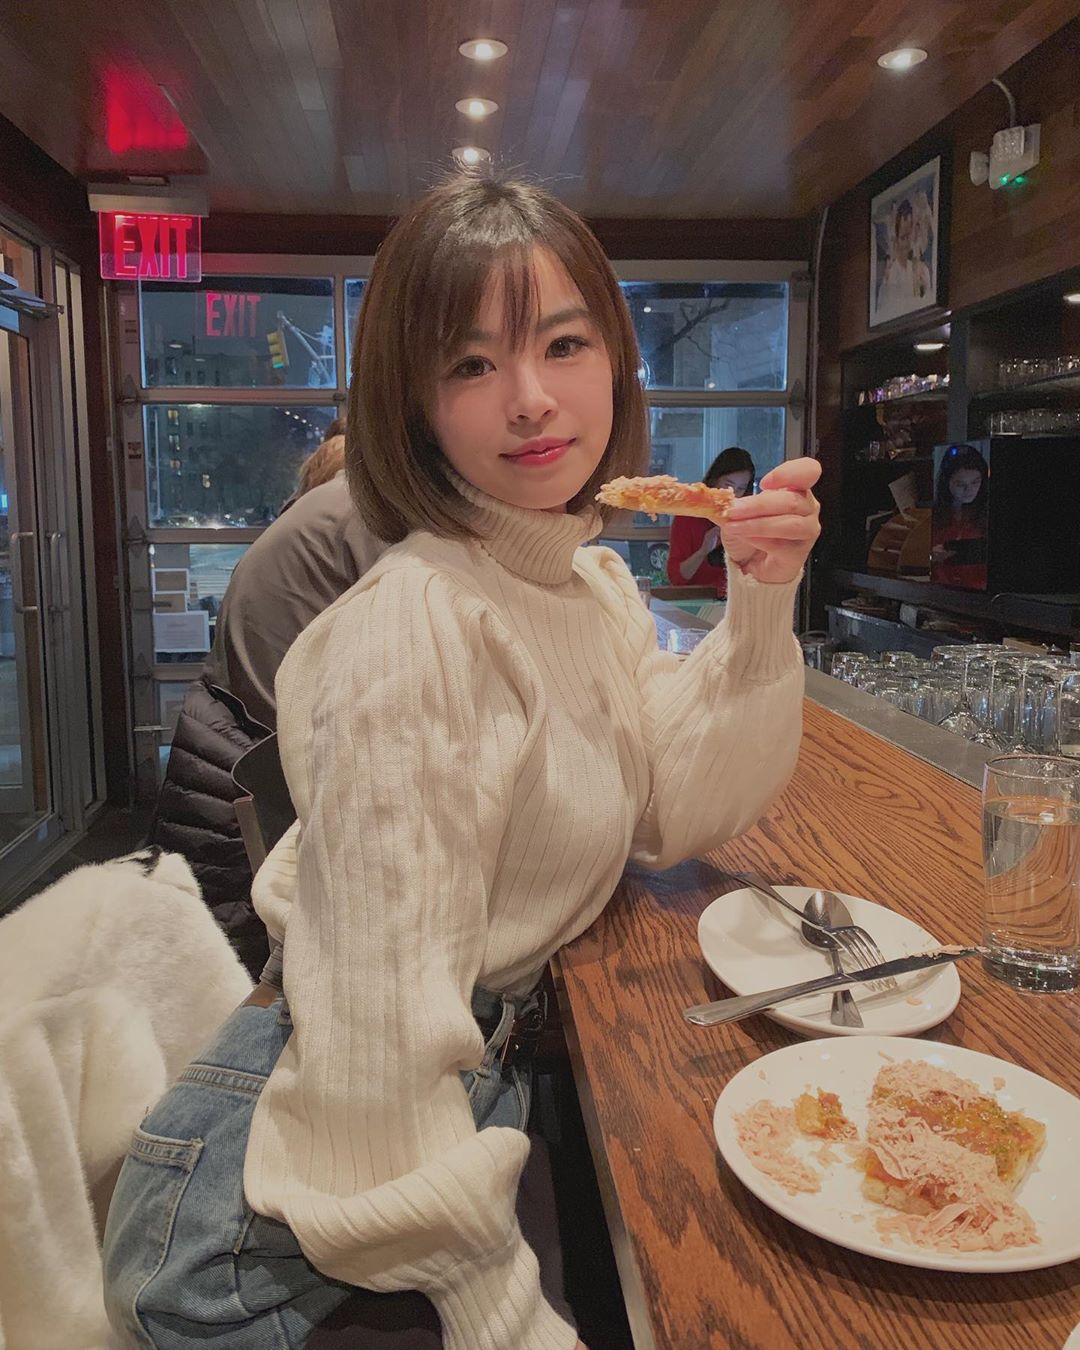 Rita Yu 頭髮是天生的 我喜歡 - 美女圖 -